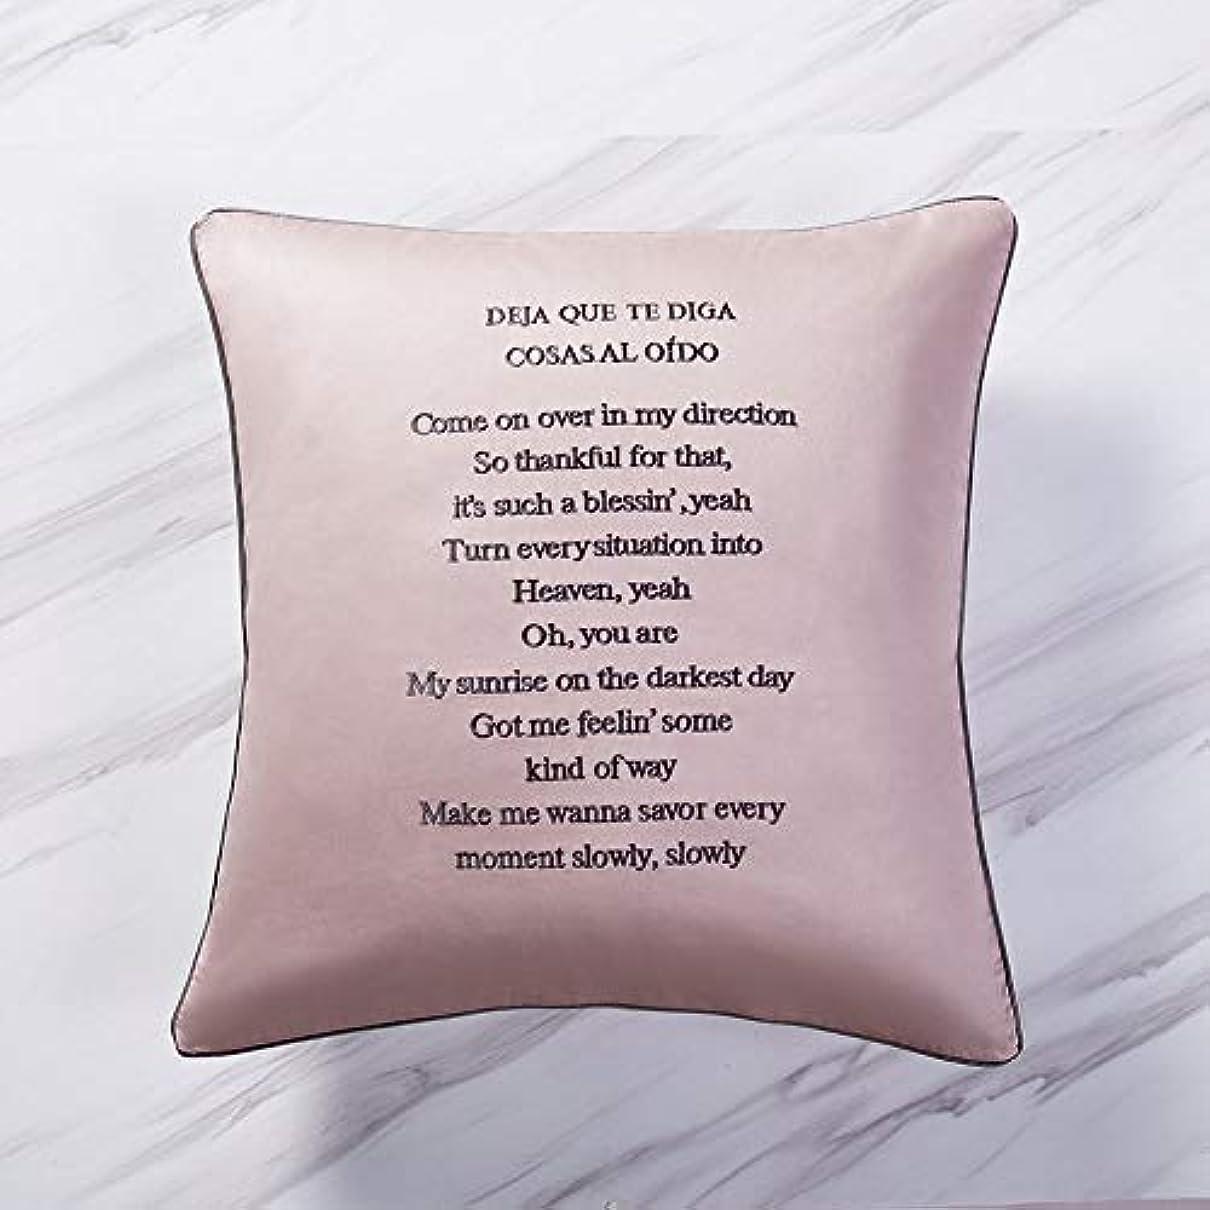 厳しいブリーフケース謙虚な腰枕 ロングステープルコットン刺繍入りレターピローコットンソファーベッドbyウエストクッションピローケース付きコア (色 : Cream powder, Size : 45*45cm)